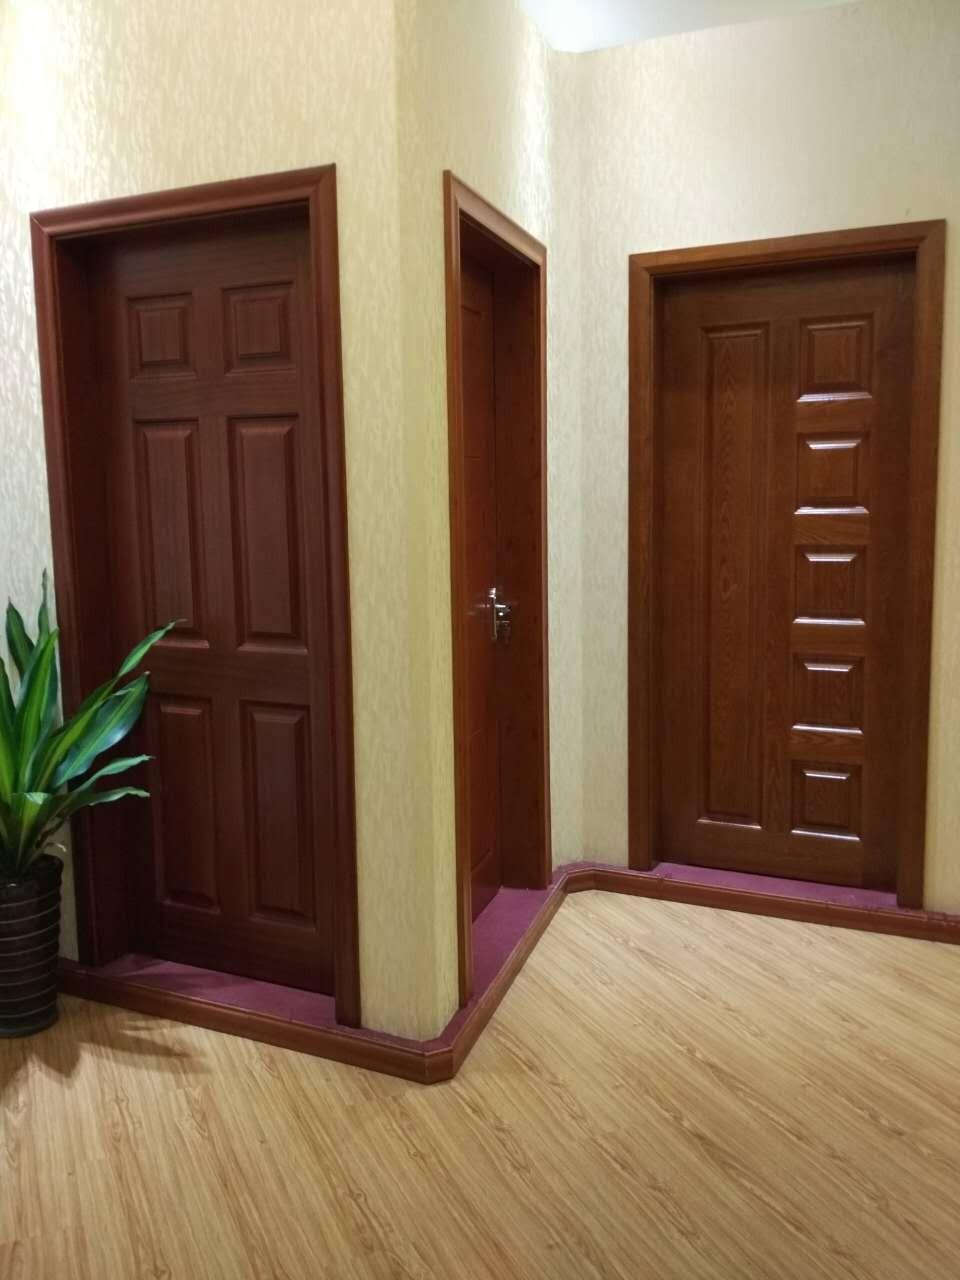 Latest Room Doors In Pakistan | Joy Studio Design Gallery ...